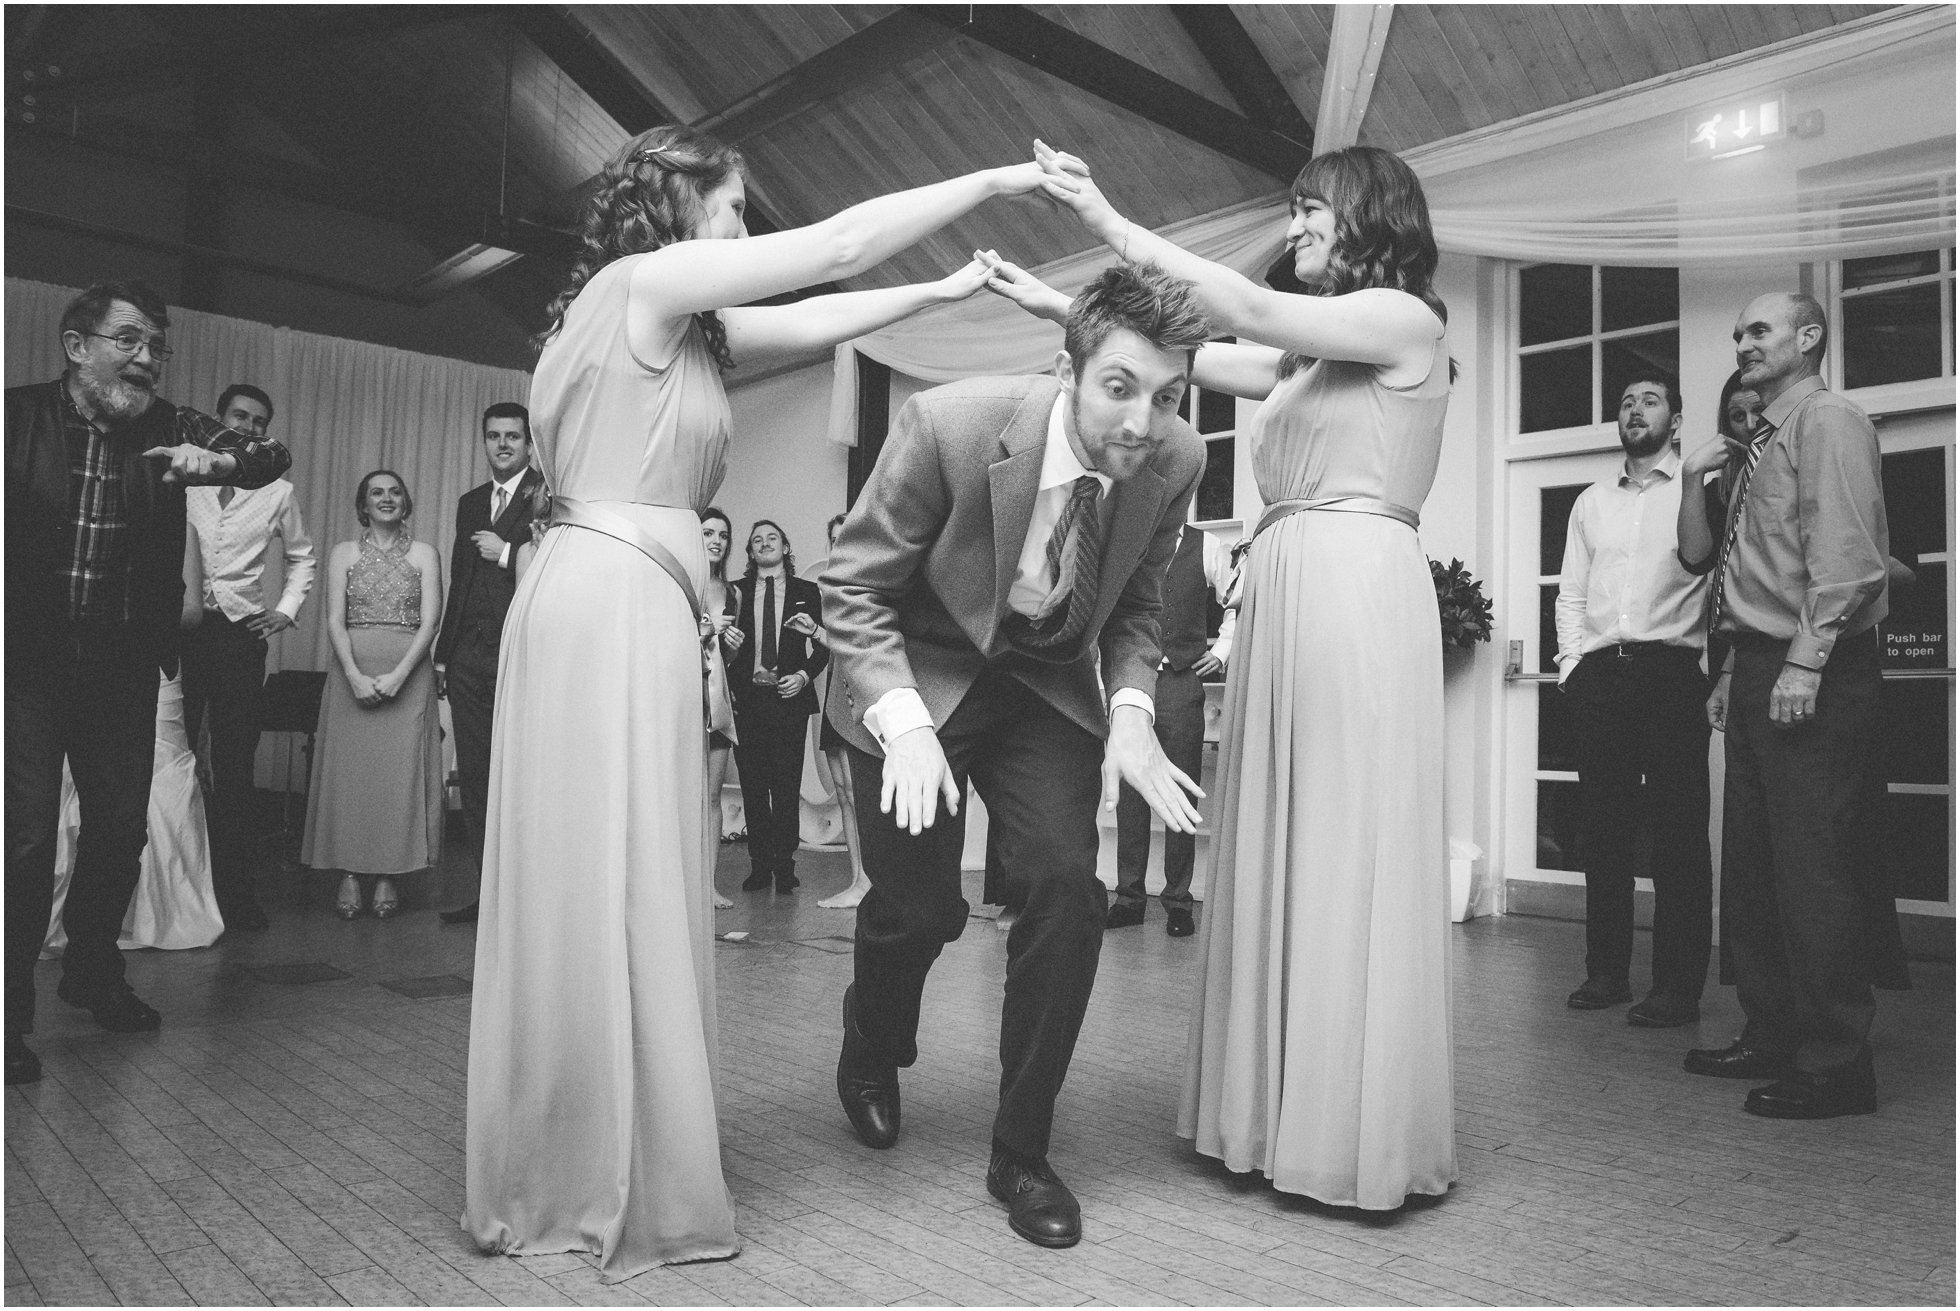 Wedding ceilidh fun!